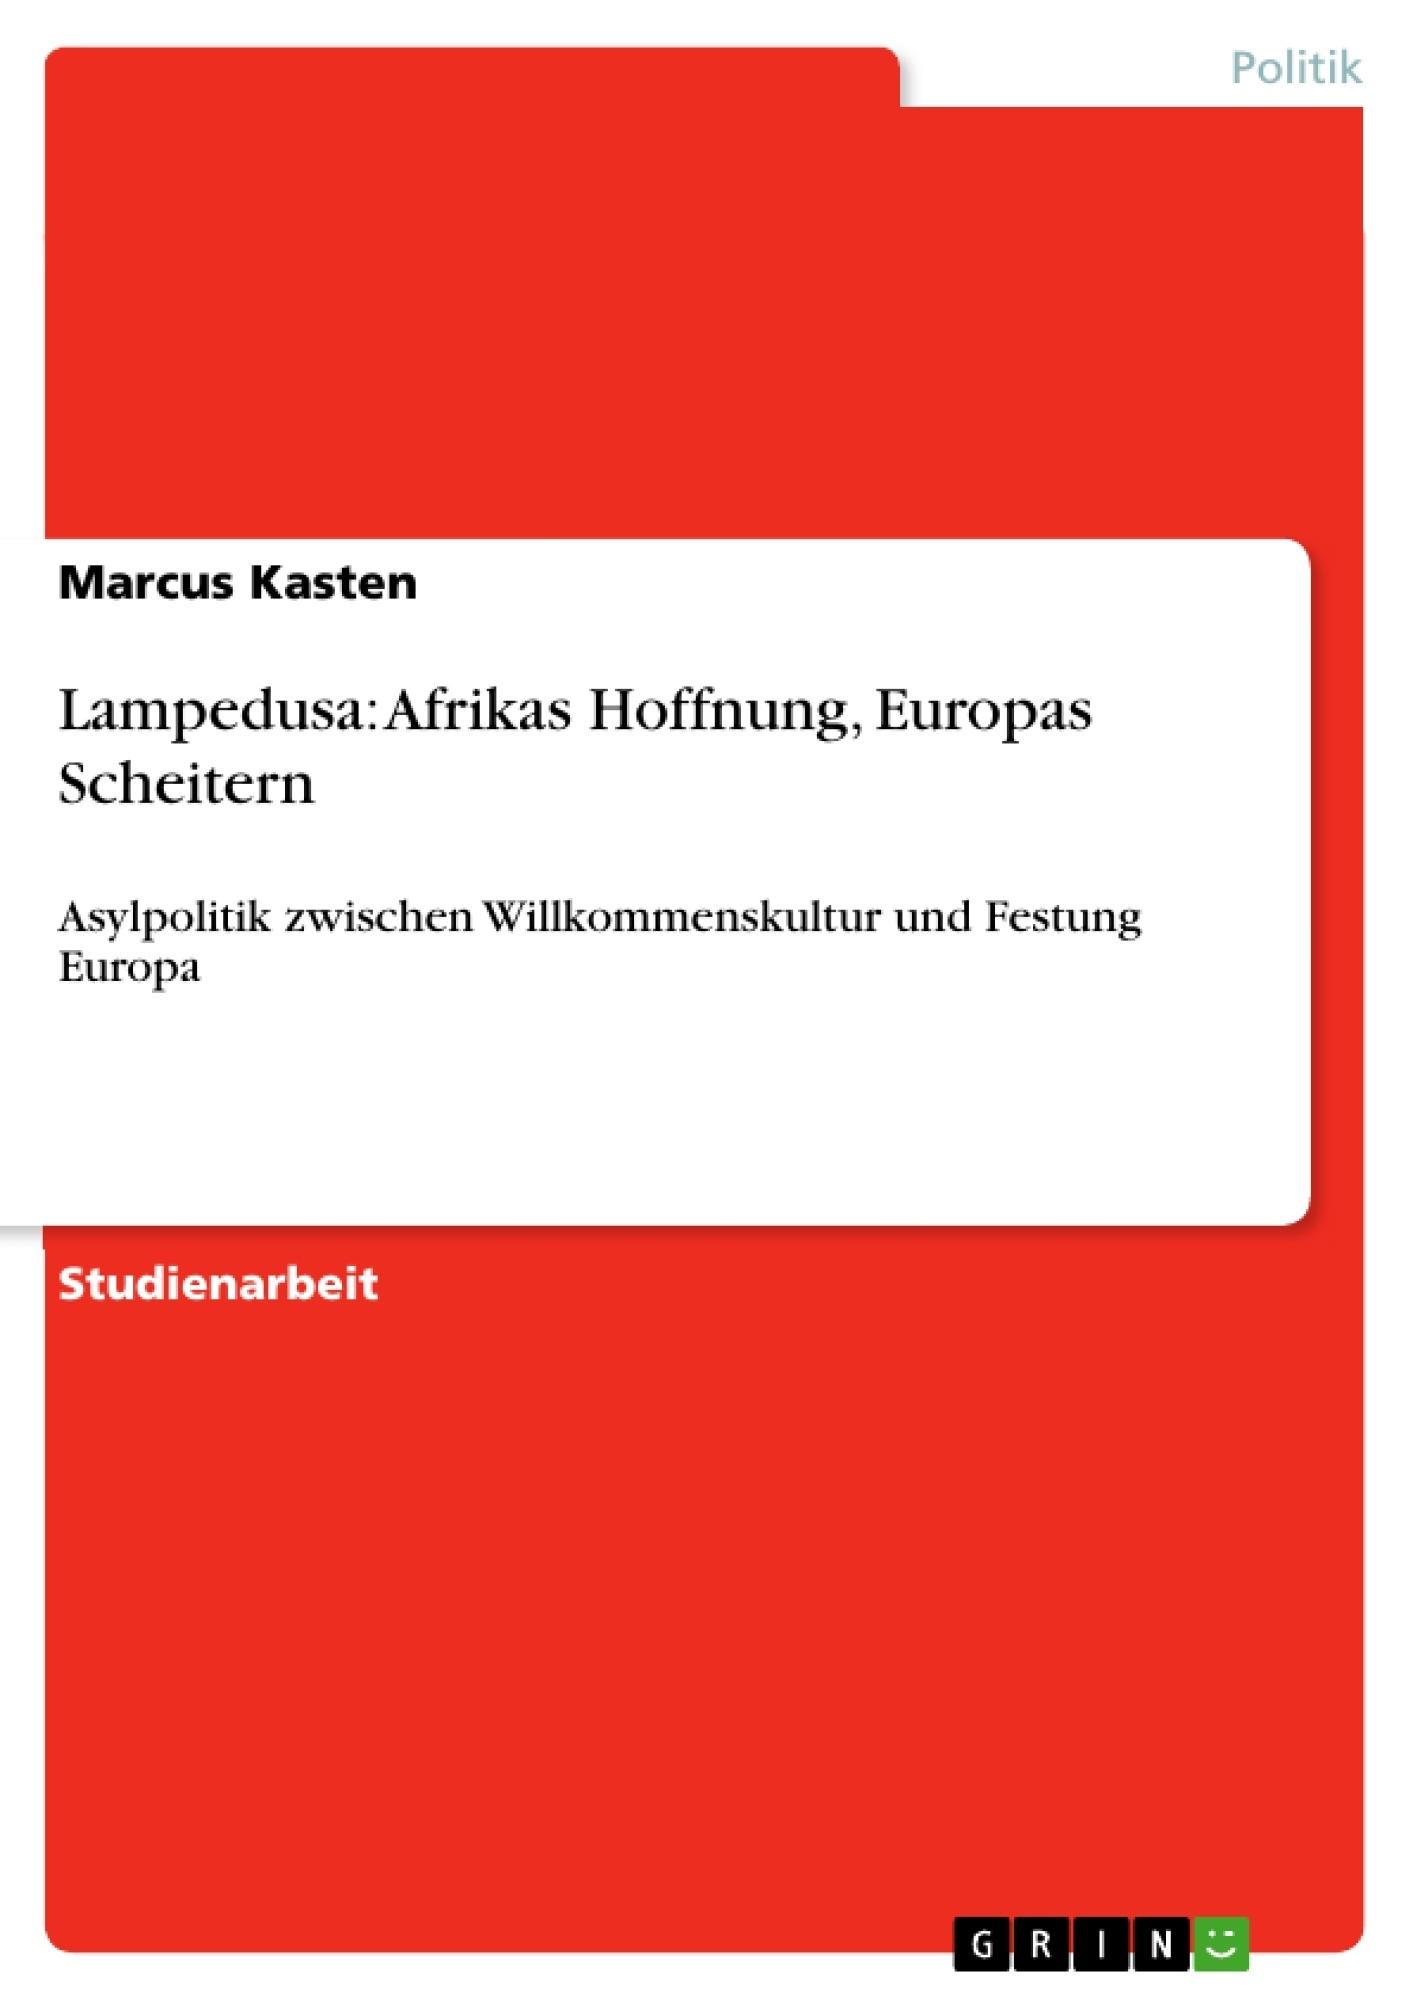 Titel: Lampedusa: Afrikas Hoffnung, Europas Scheitern